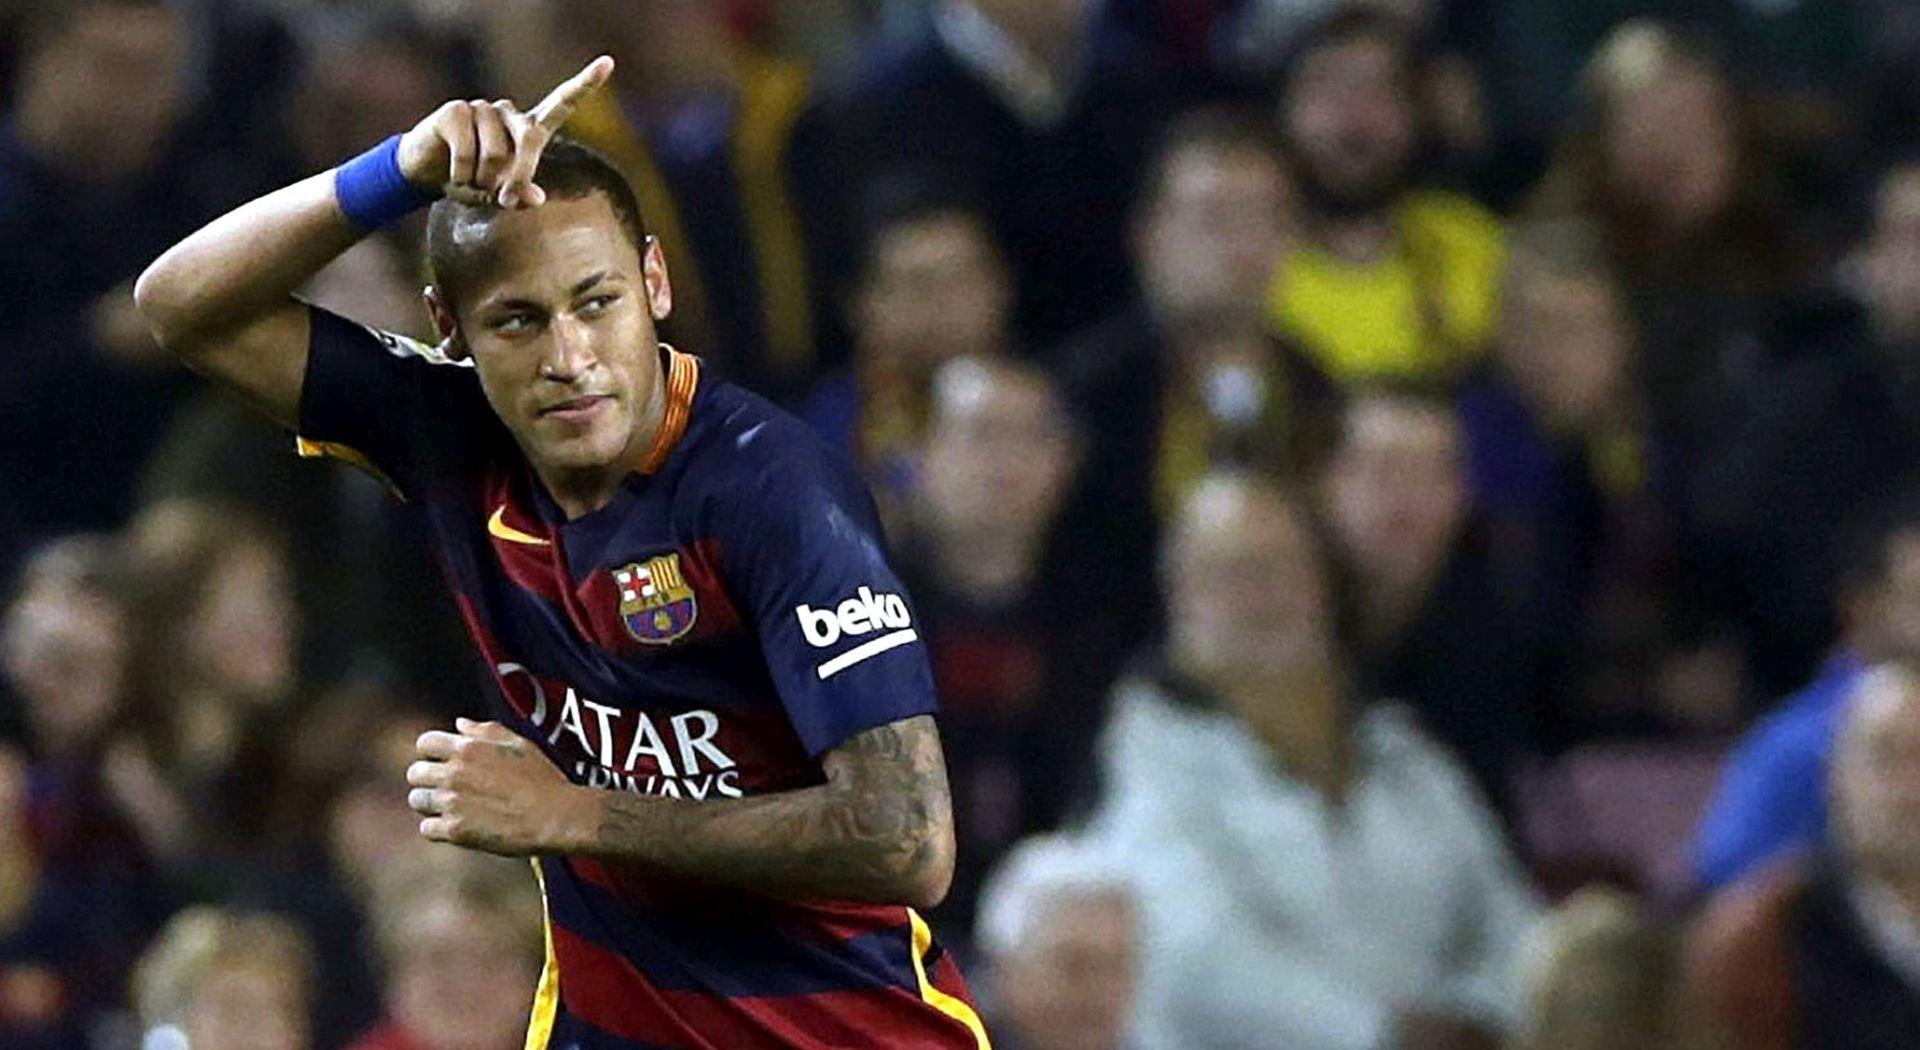 POTPISAO NOVI UGOVOR Neymar u Barceloni do 2021. godine